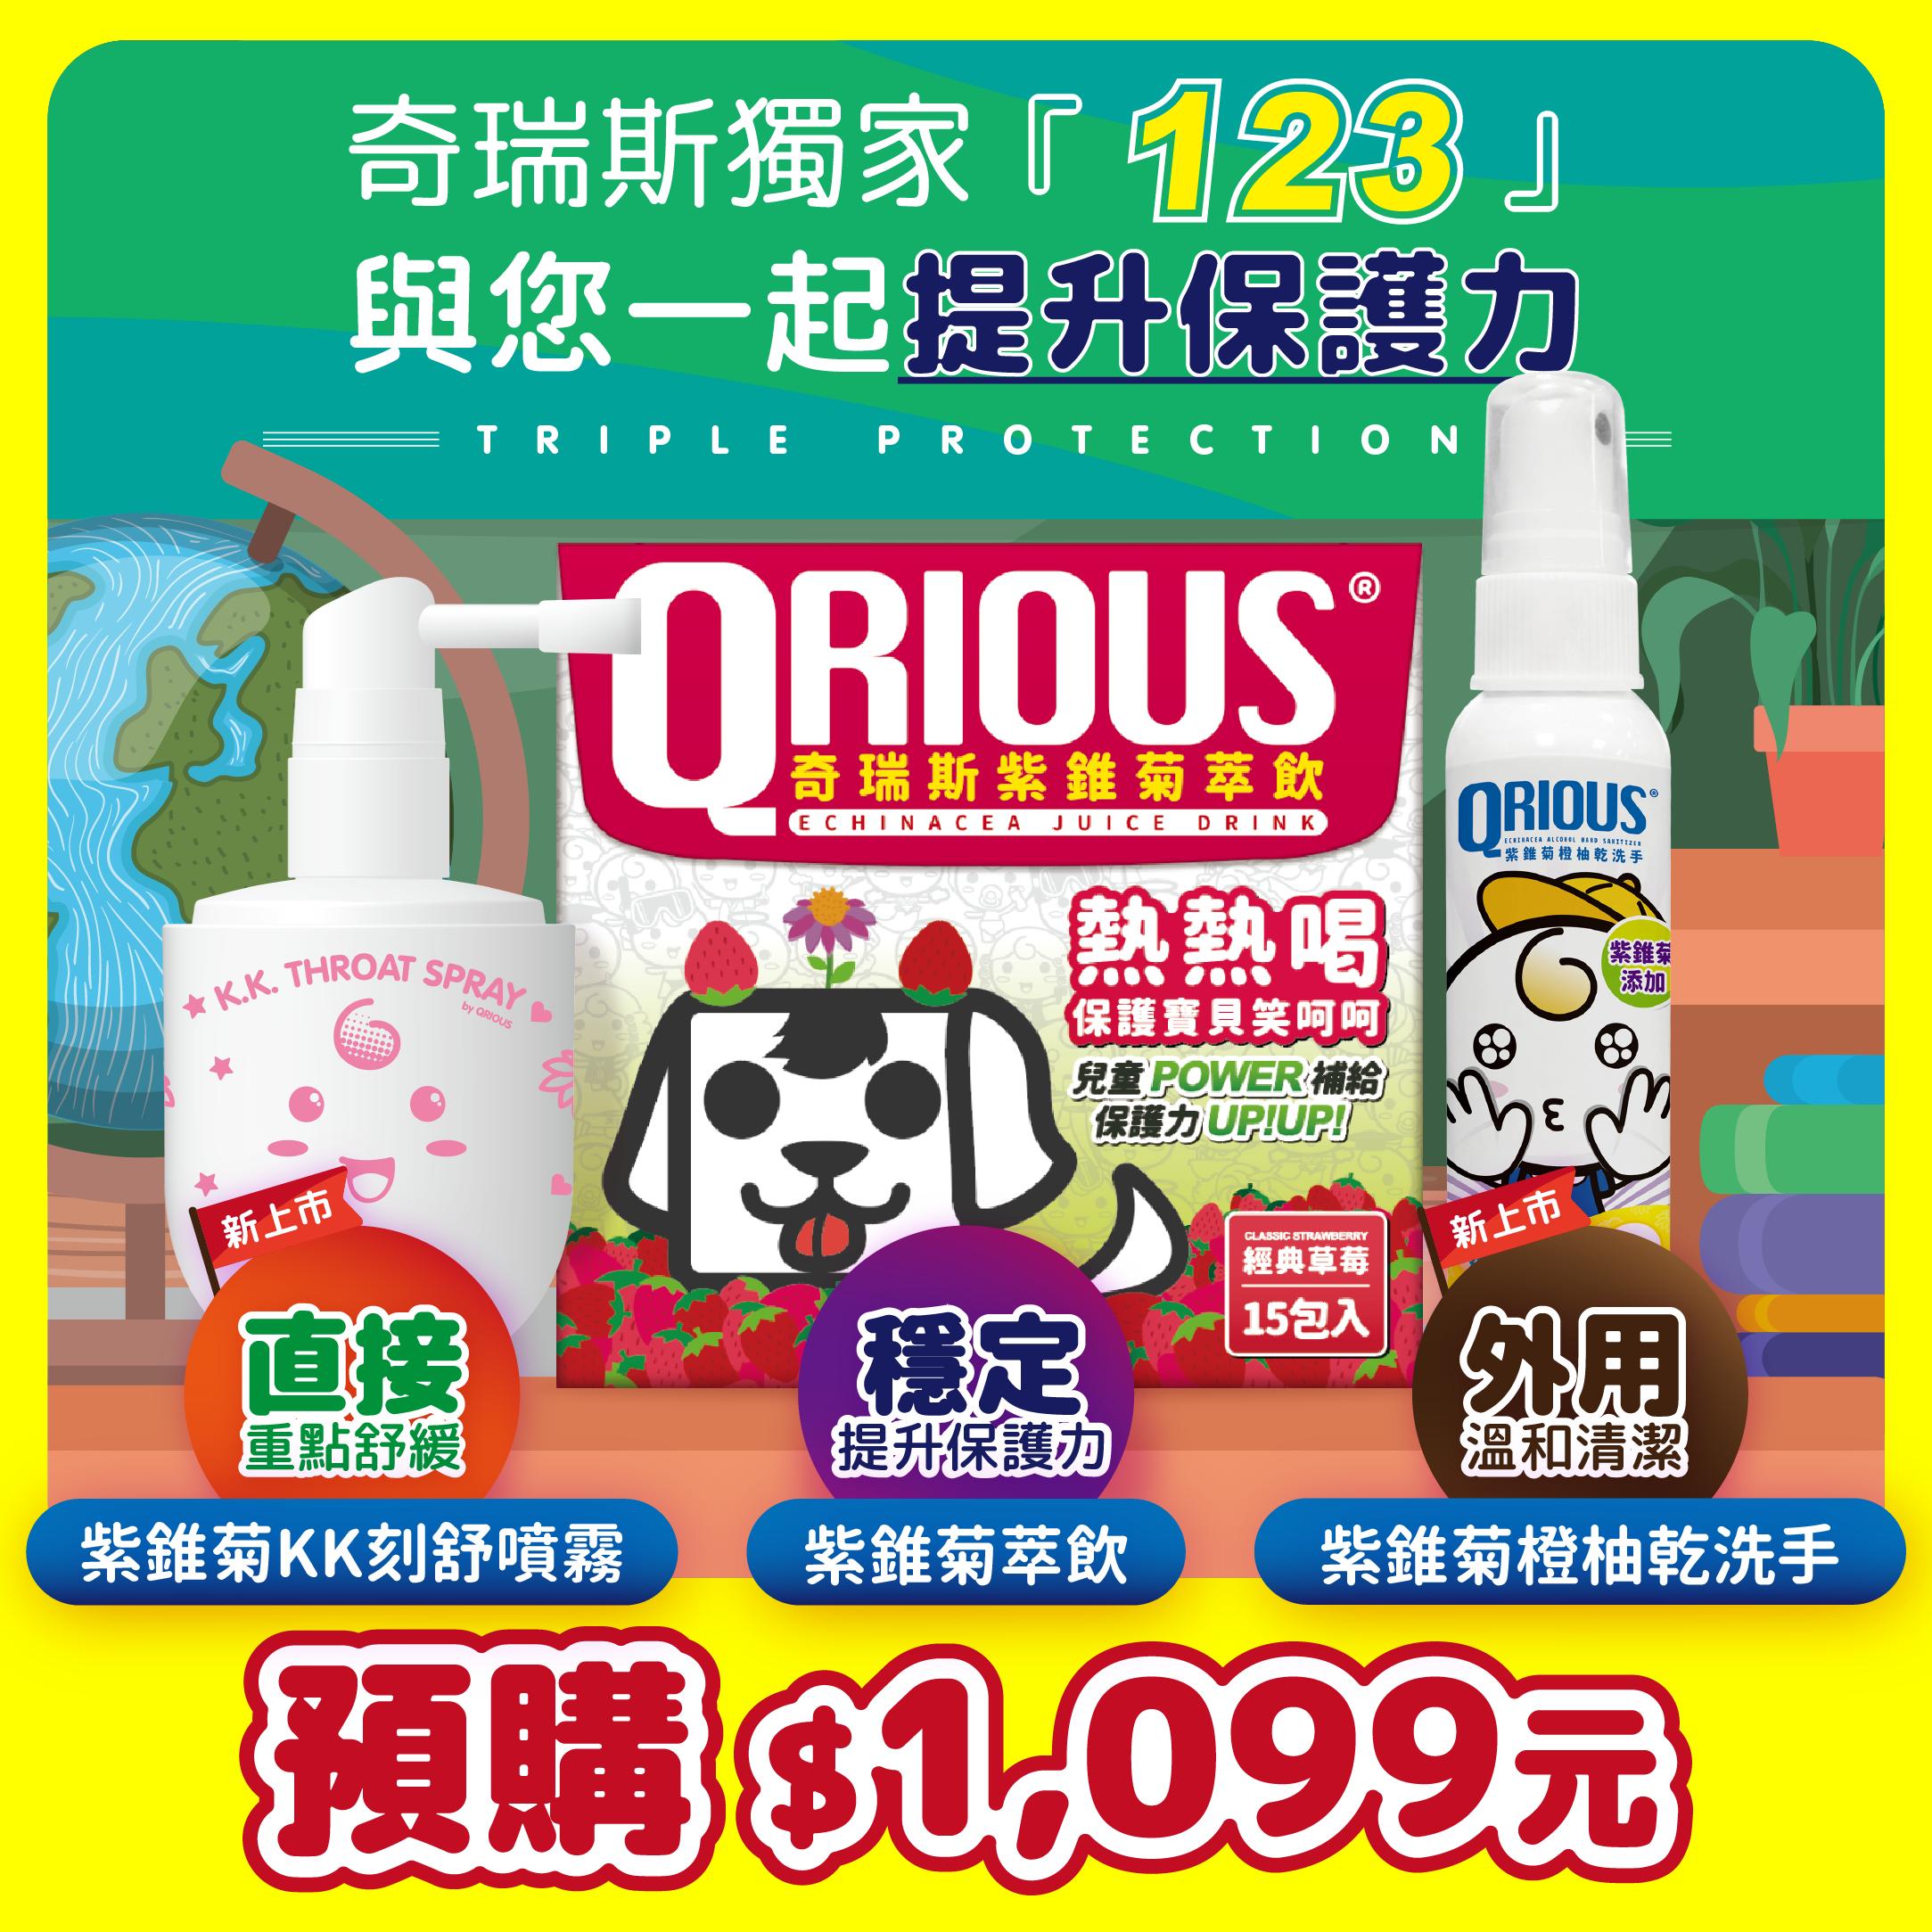 【預購2020新品上市】QRIOUS®奇瑞斯紫錐菊萃飲+KK刻舒口腔噴霧+橙柚乾洗手(各一入)